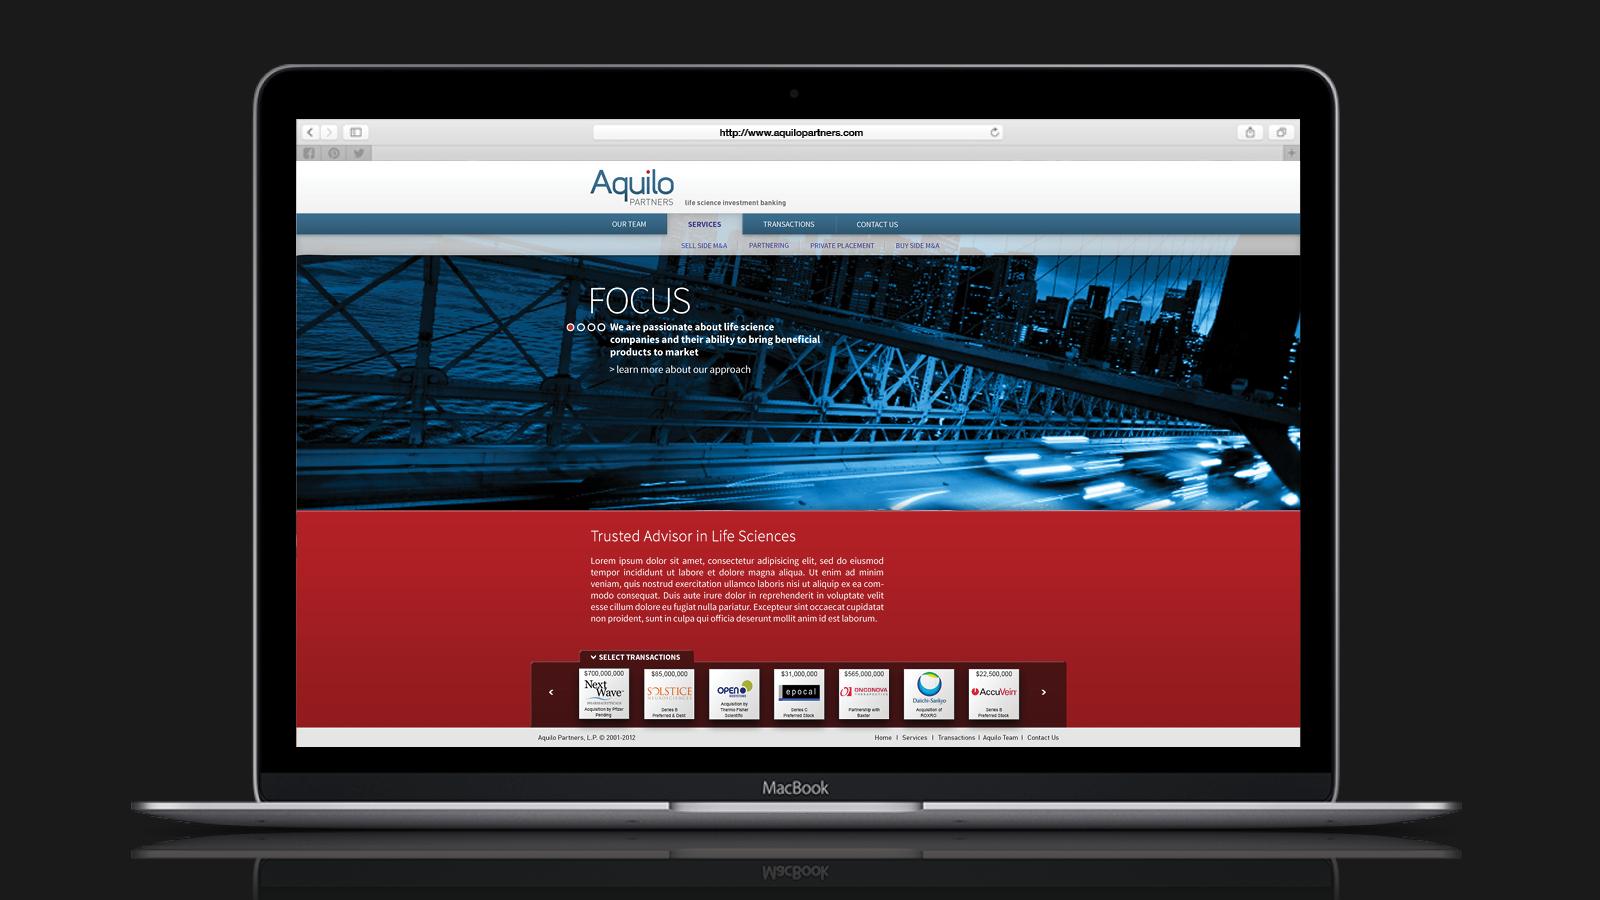 Aquilo Web Site Design